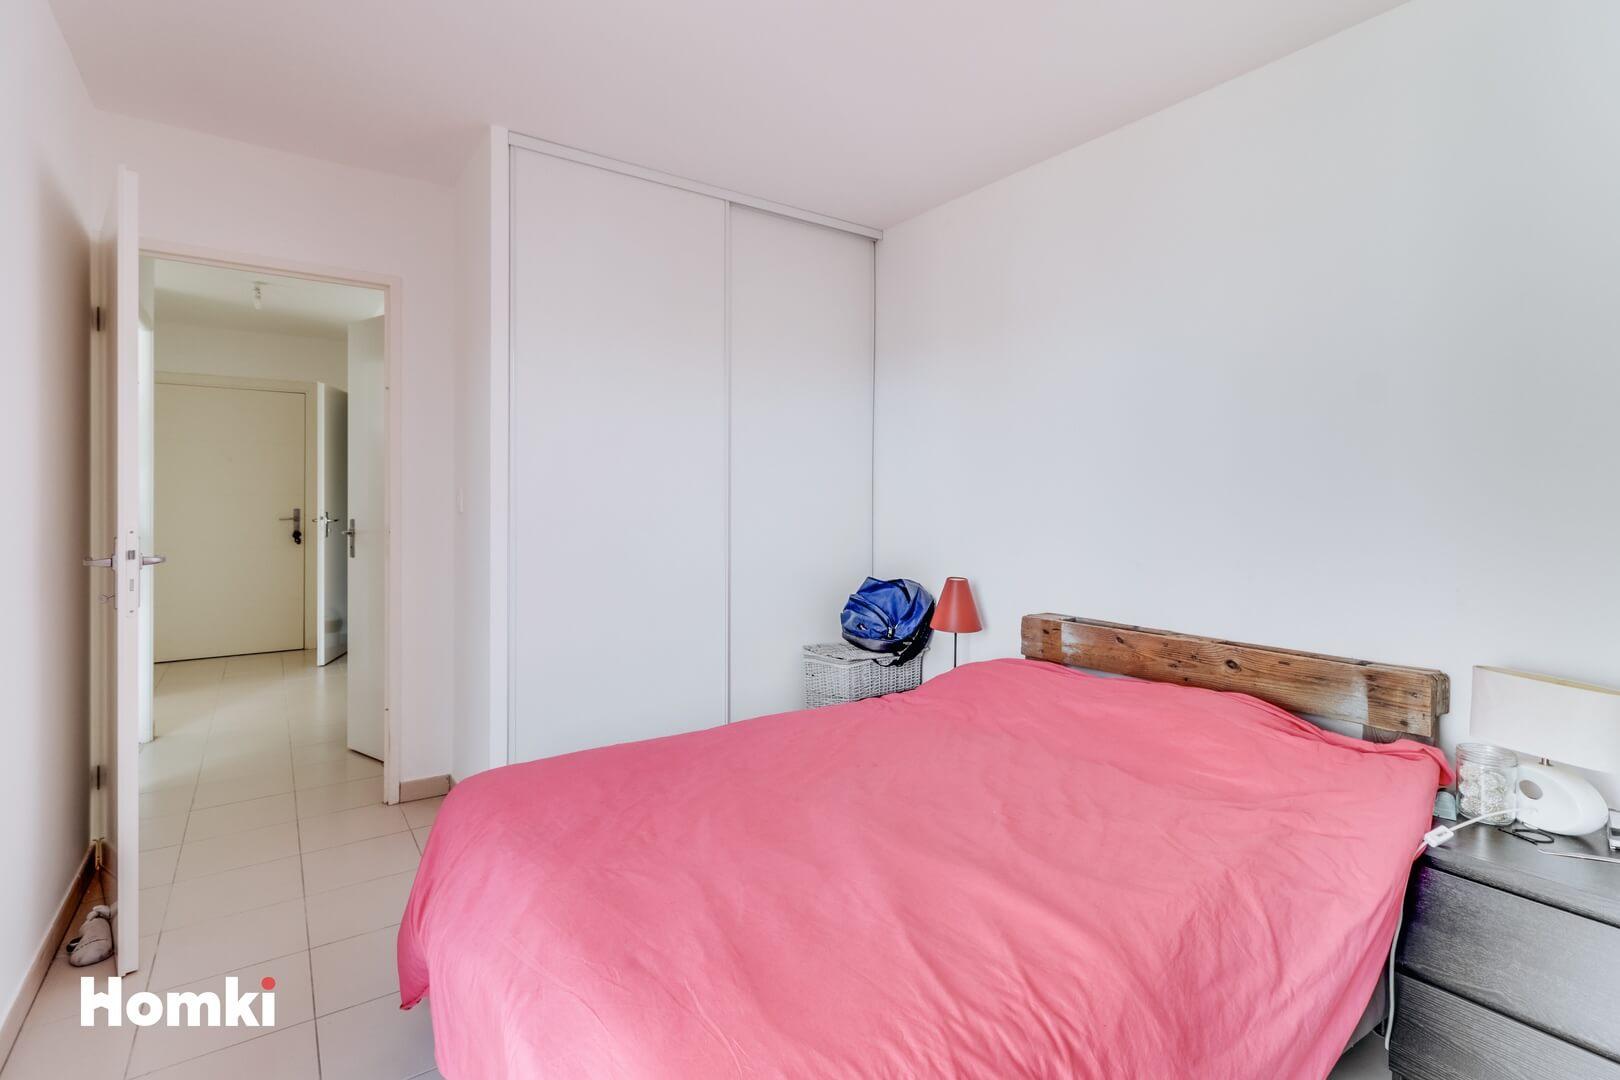 Homki - Vente Appartement  de 57.0 m² à Toulouse 31300